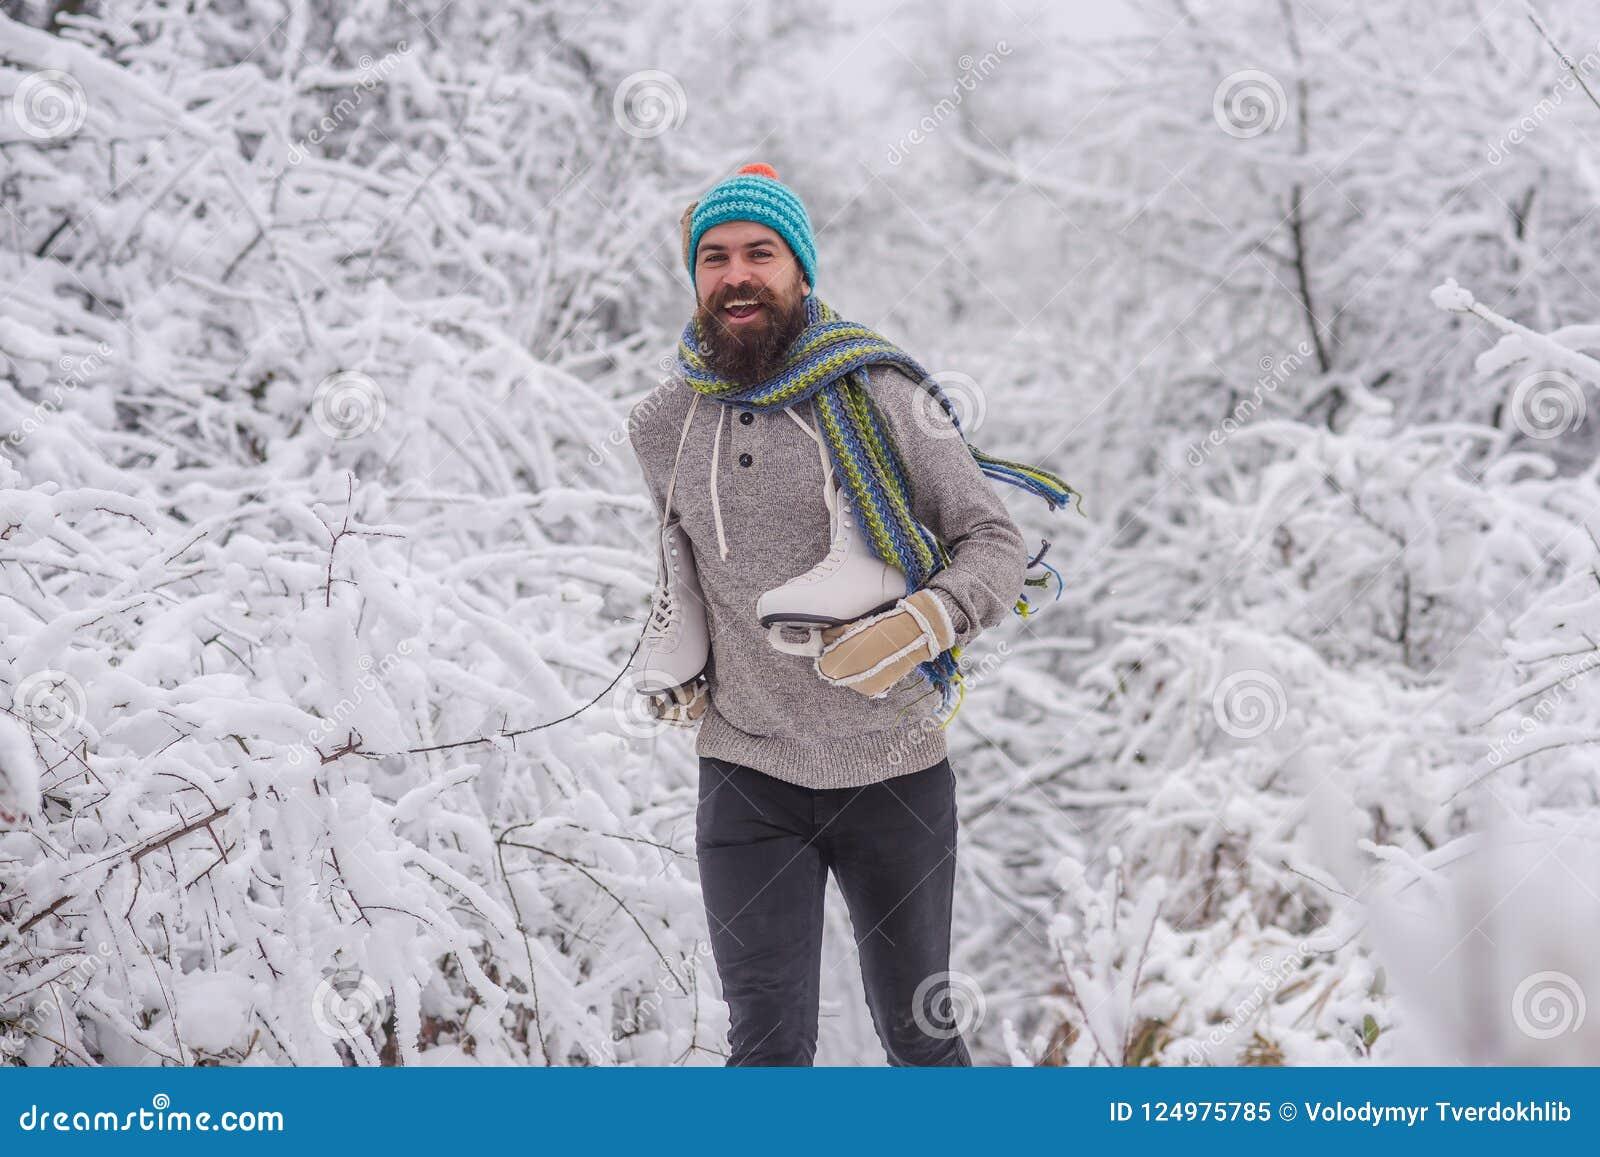 Deporte de invierno y resto, la Navidad